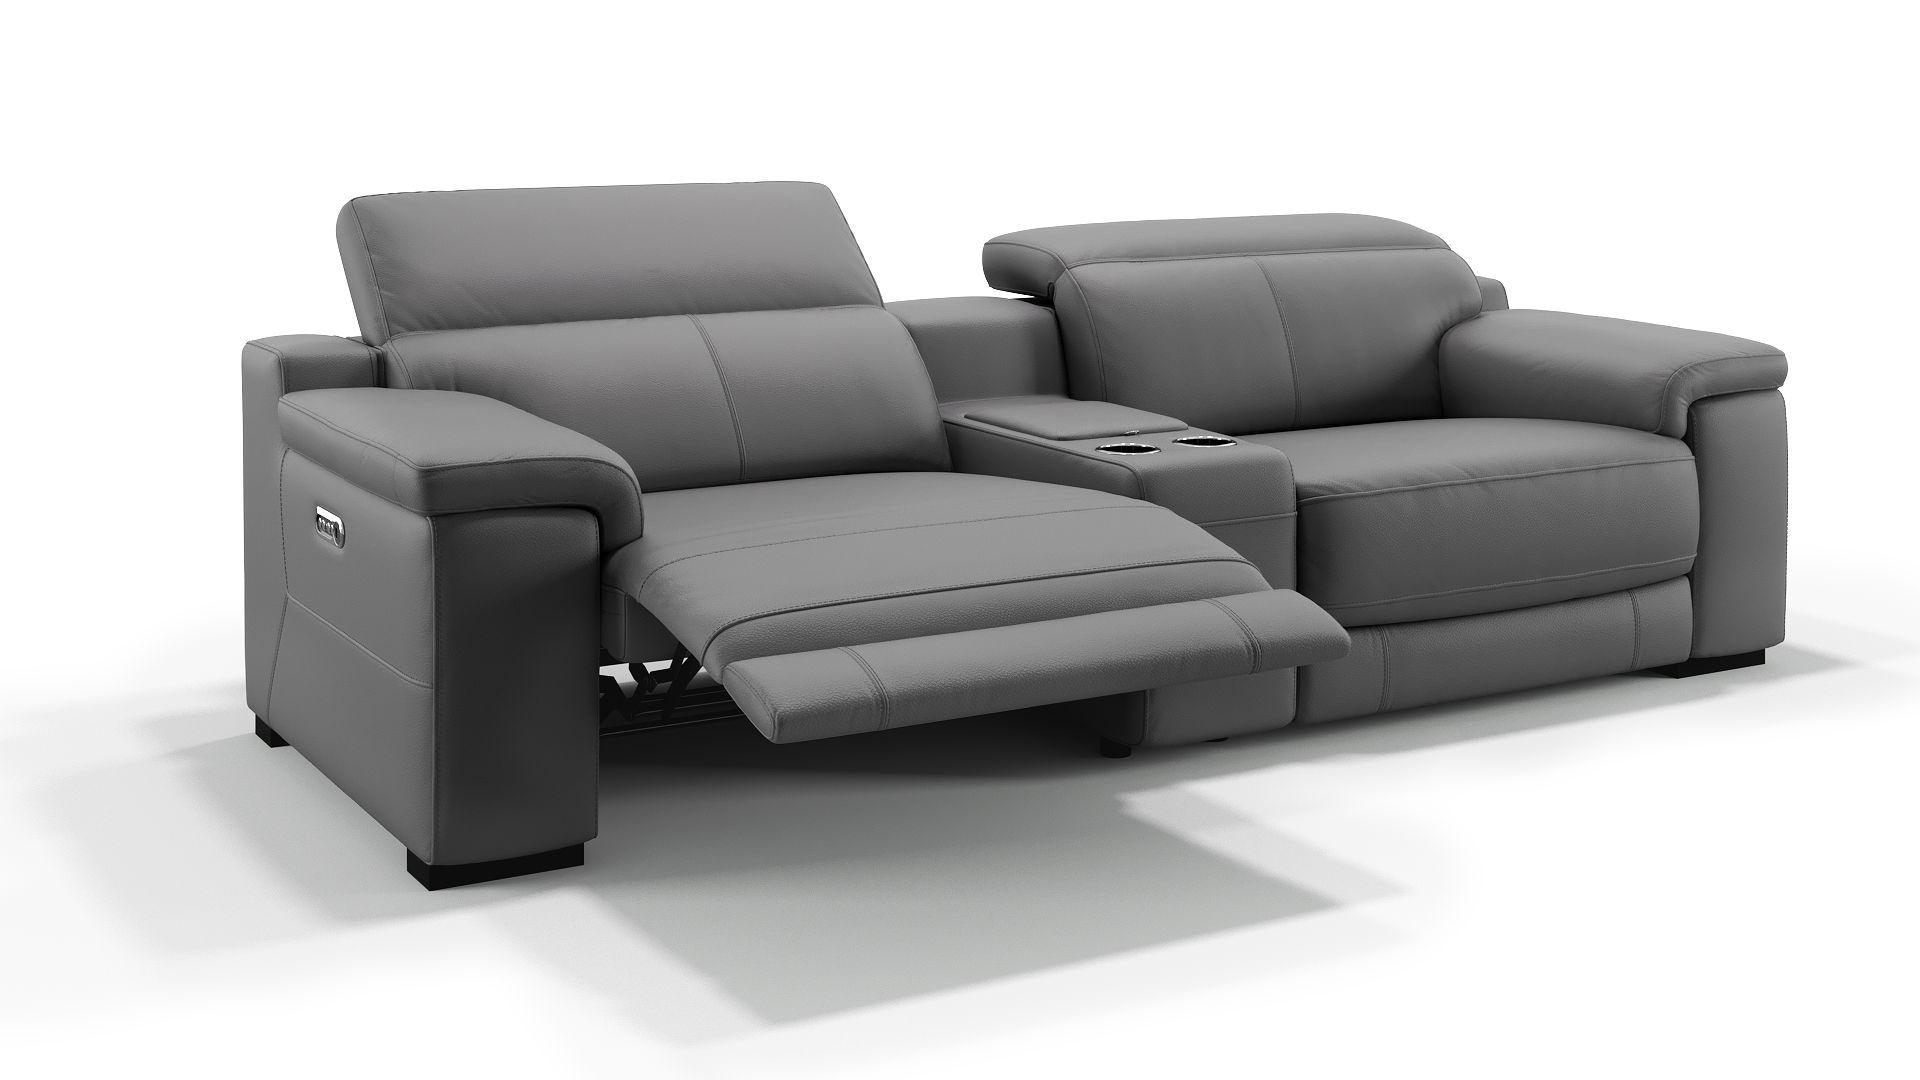 Full Size of Sofa Elektrisch Statisch Aufgeladen Was Tun Ikea Geladen Ist Aufgeladen Was Warum Mein Verstellbar Elektrische Sitztiefenverstellung Erfahrungen Microfaser Sofa Sofa Elektrisch